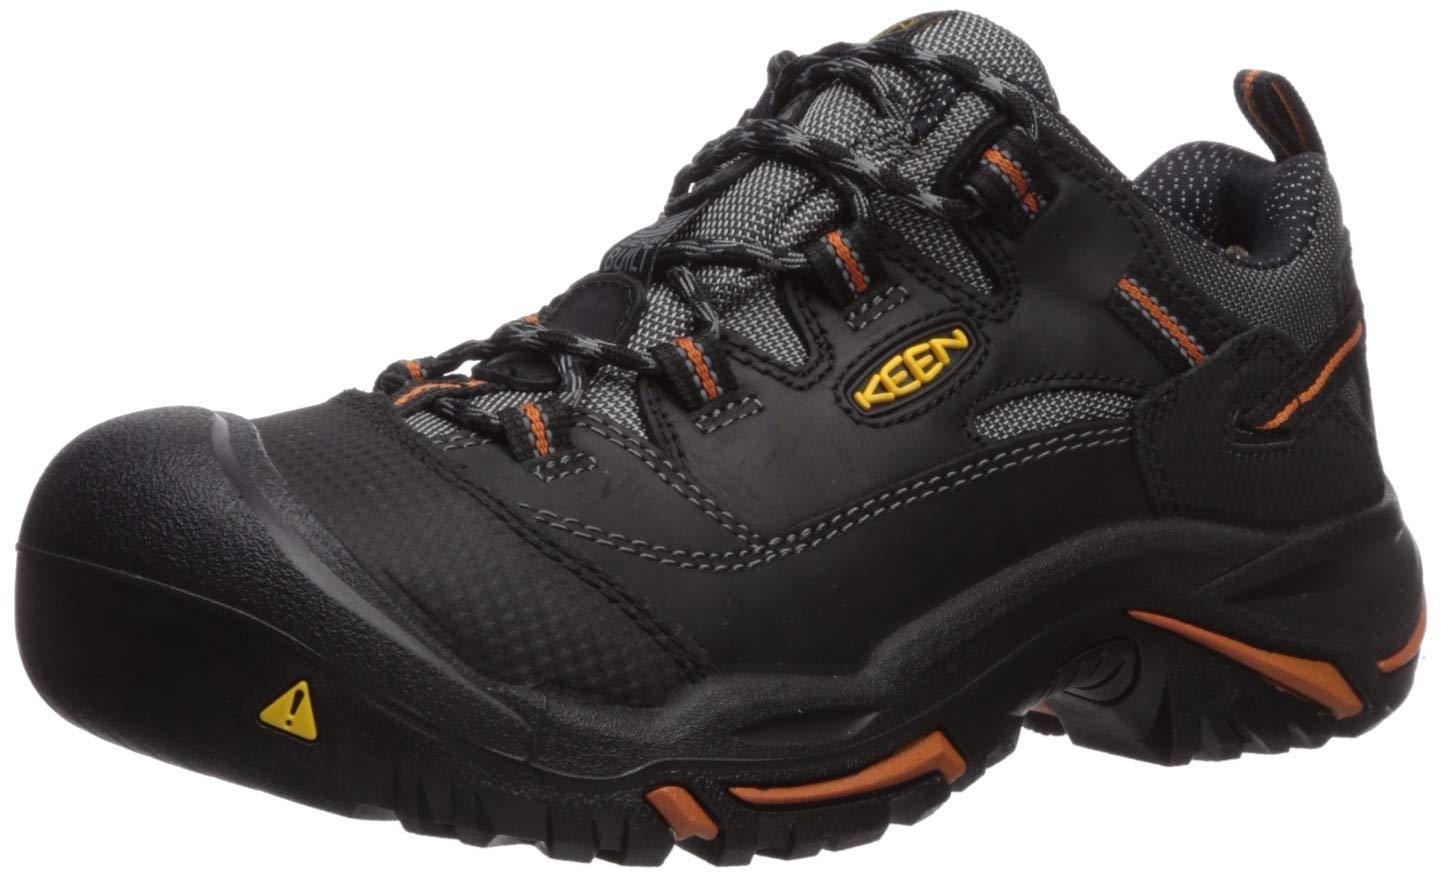 KEEN Utility - Men's Braddock Low (Steel Toe) Work Shoes